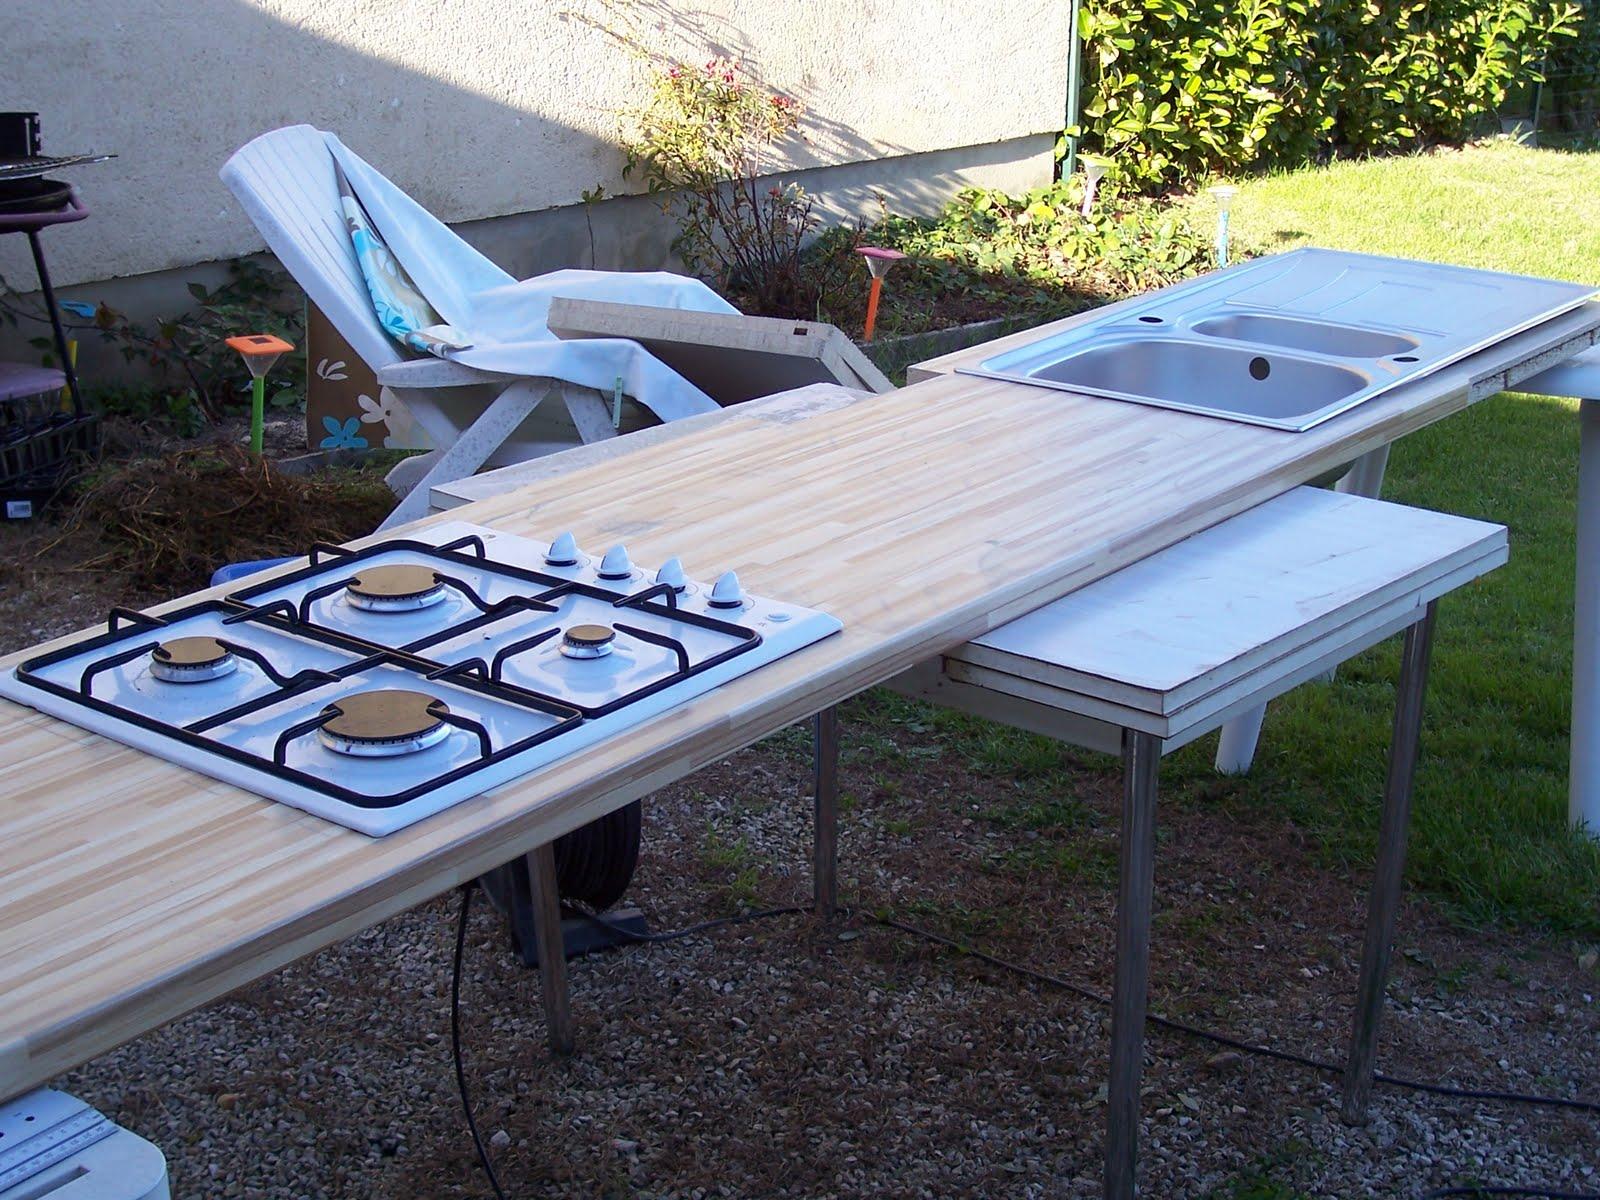 notre maison en dordogne juin 2010. Black Bedroom Furniture Sets. Home Design Ideas